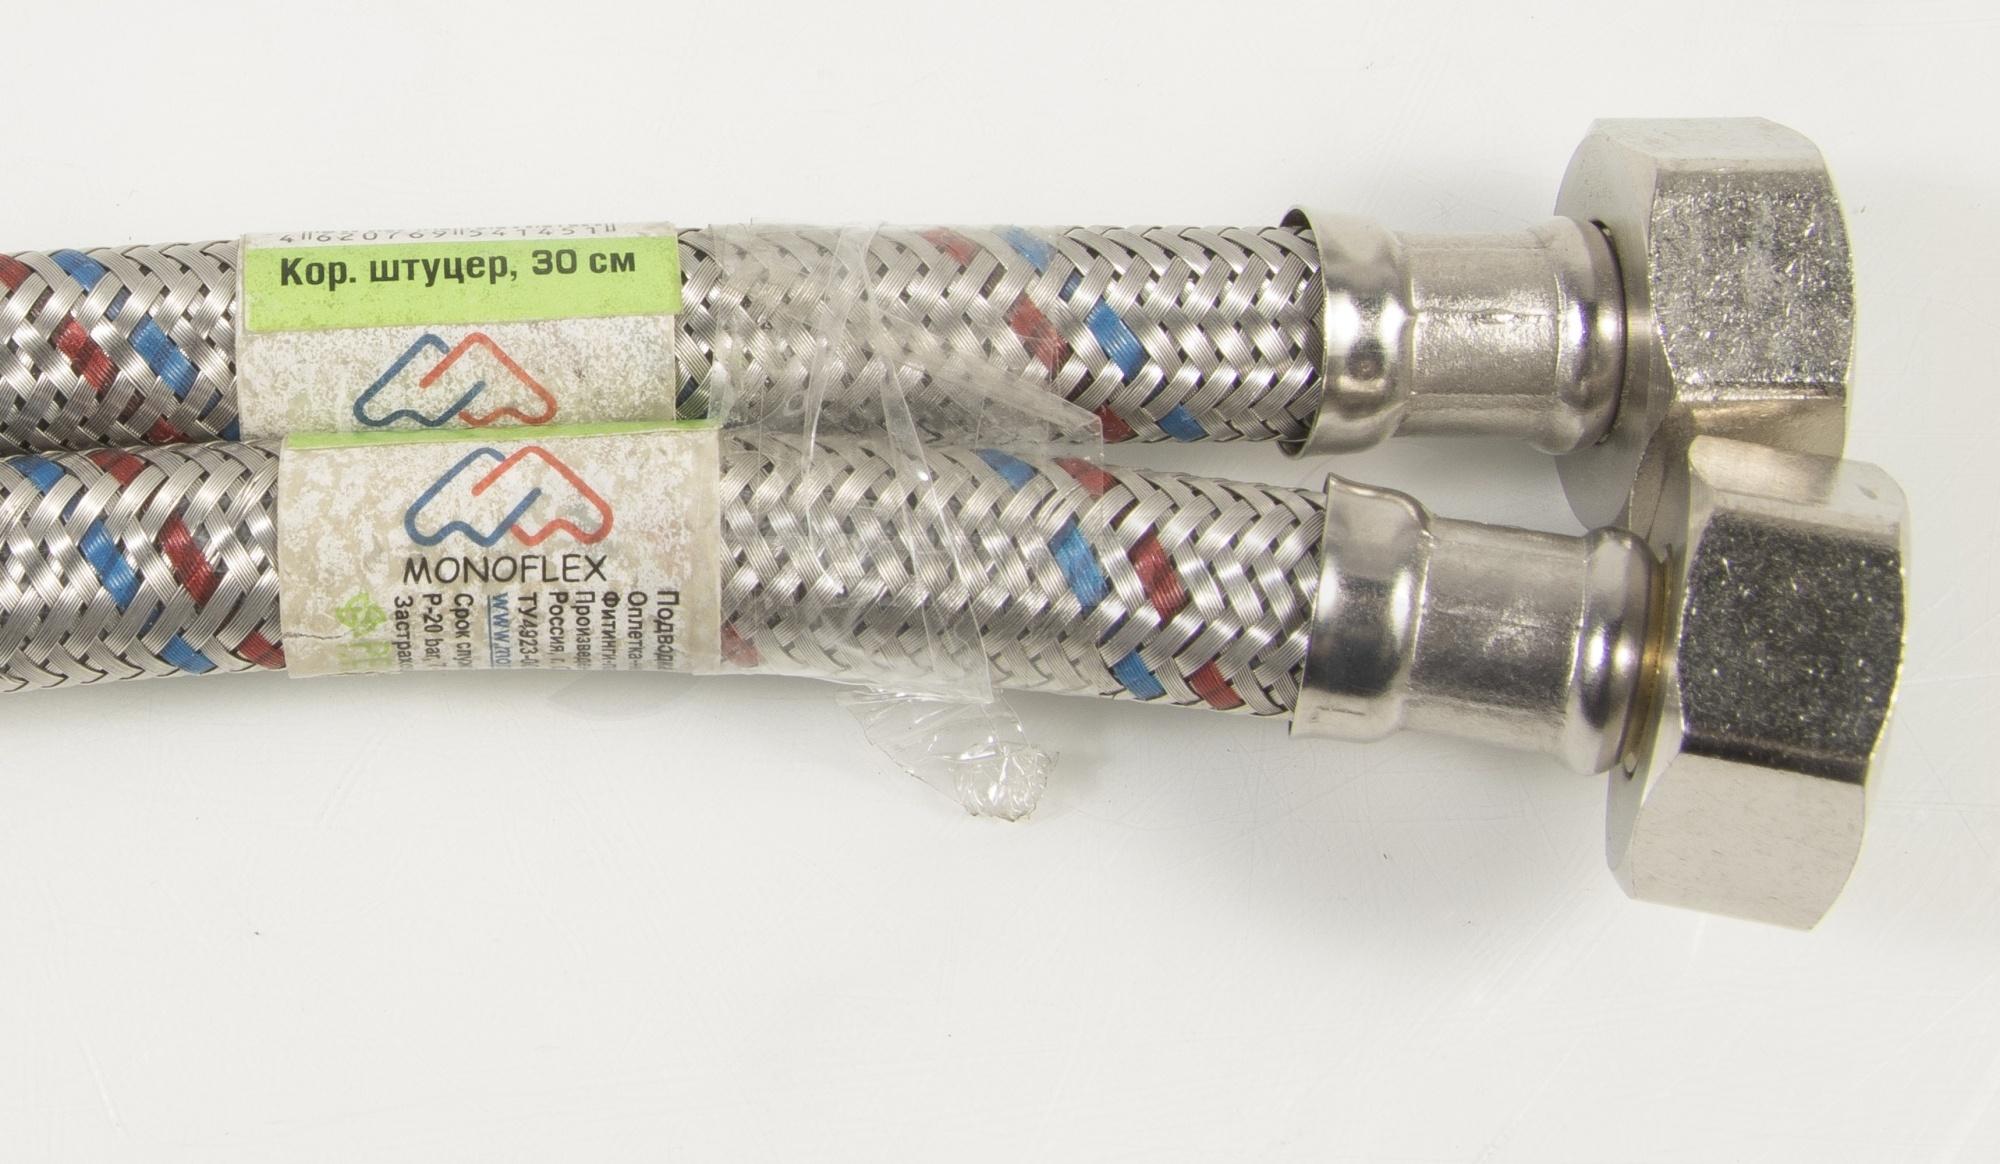 Monoflex 30 см, короткий и длинный штуцер